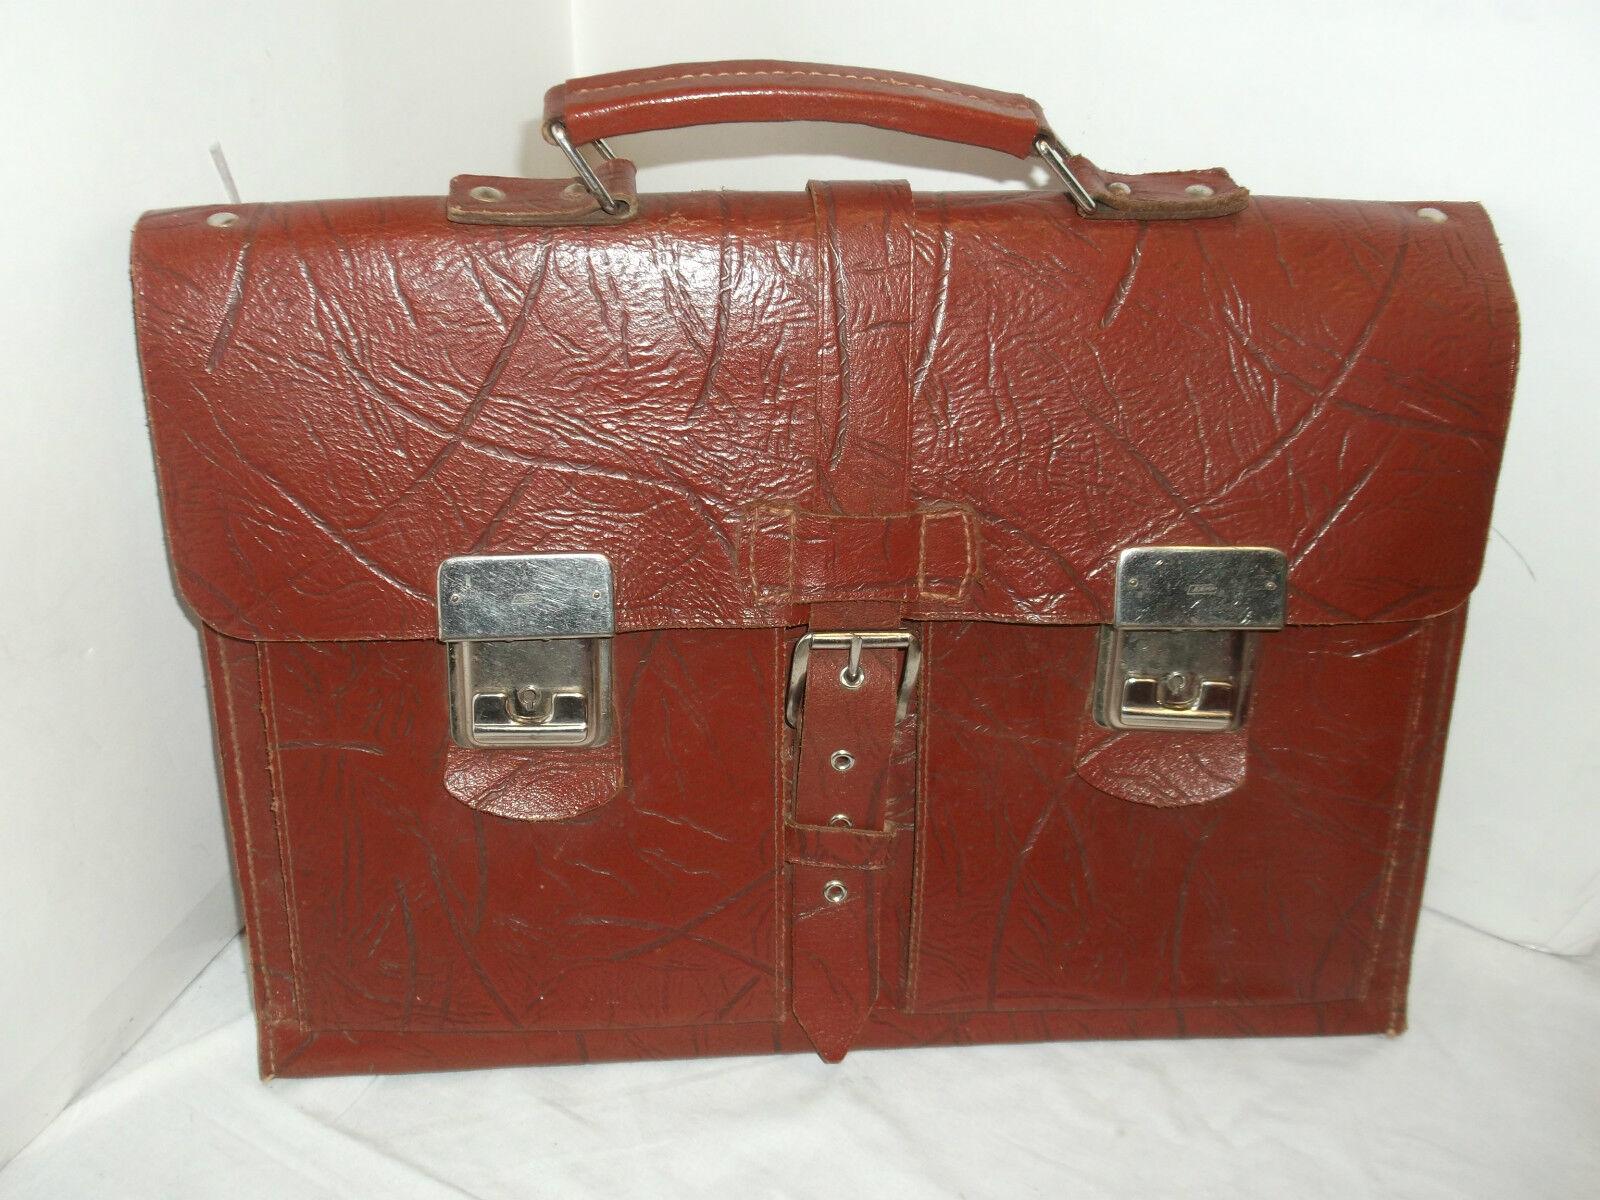 Alte Aktentasche Ranzen Ledertasche Schultasche Tasche mit Schlüssel Vintage | ein guter Ruf in der Welt  | Offizielle Webseite  | Smart